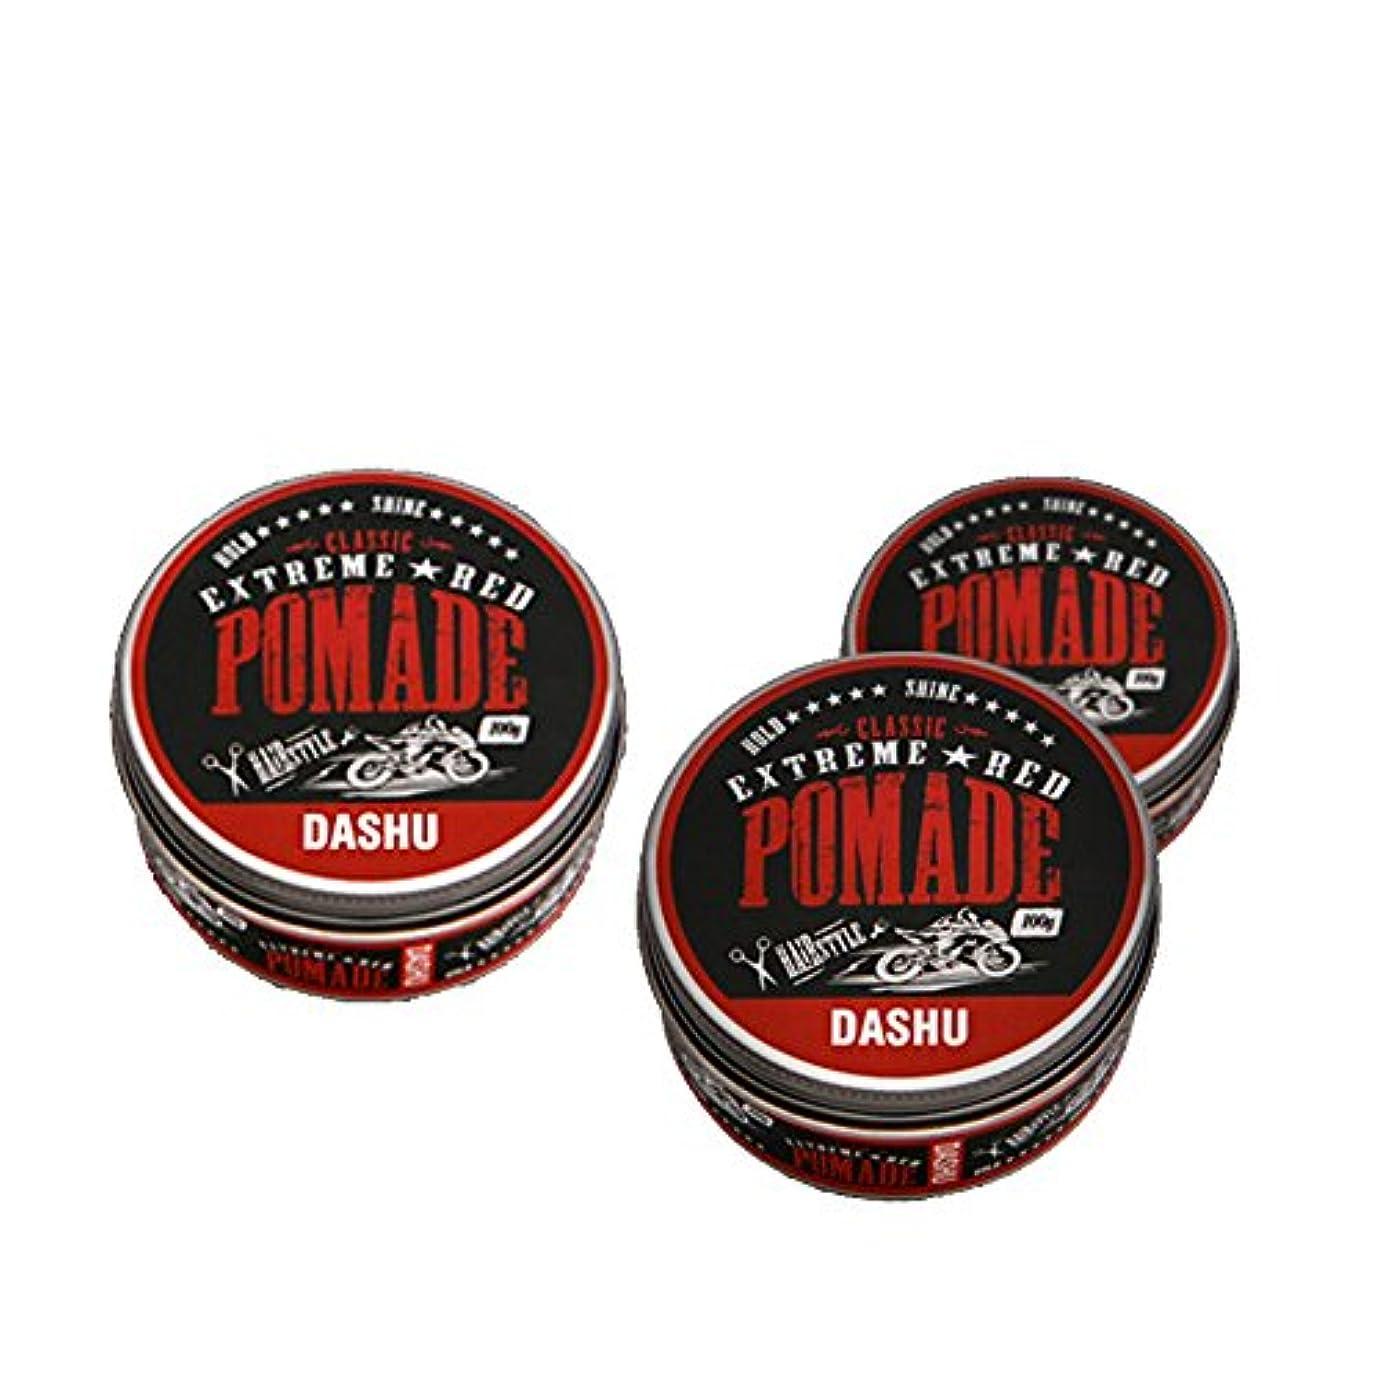 田舎者罰するベンチ(3個セット) x [DASHU] ダシュ クラシックエクストリームレッドポマード Classic Extreme Red Pomade Hair Wax 100ml / 韓国製 . 韓国直送品